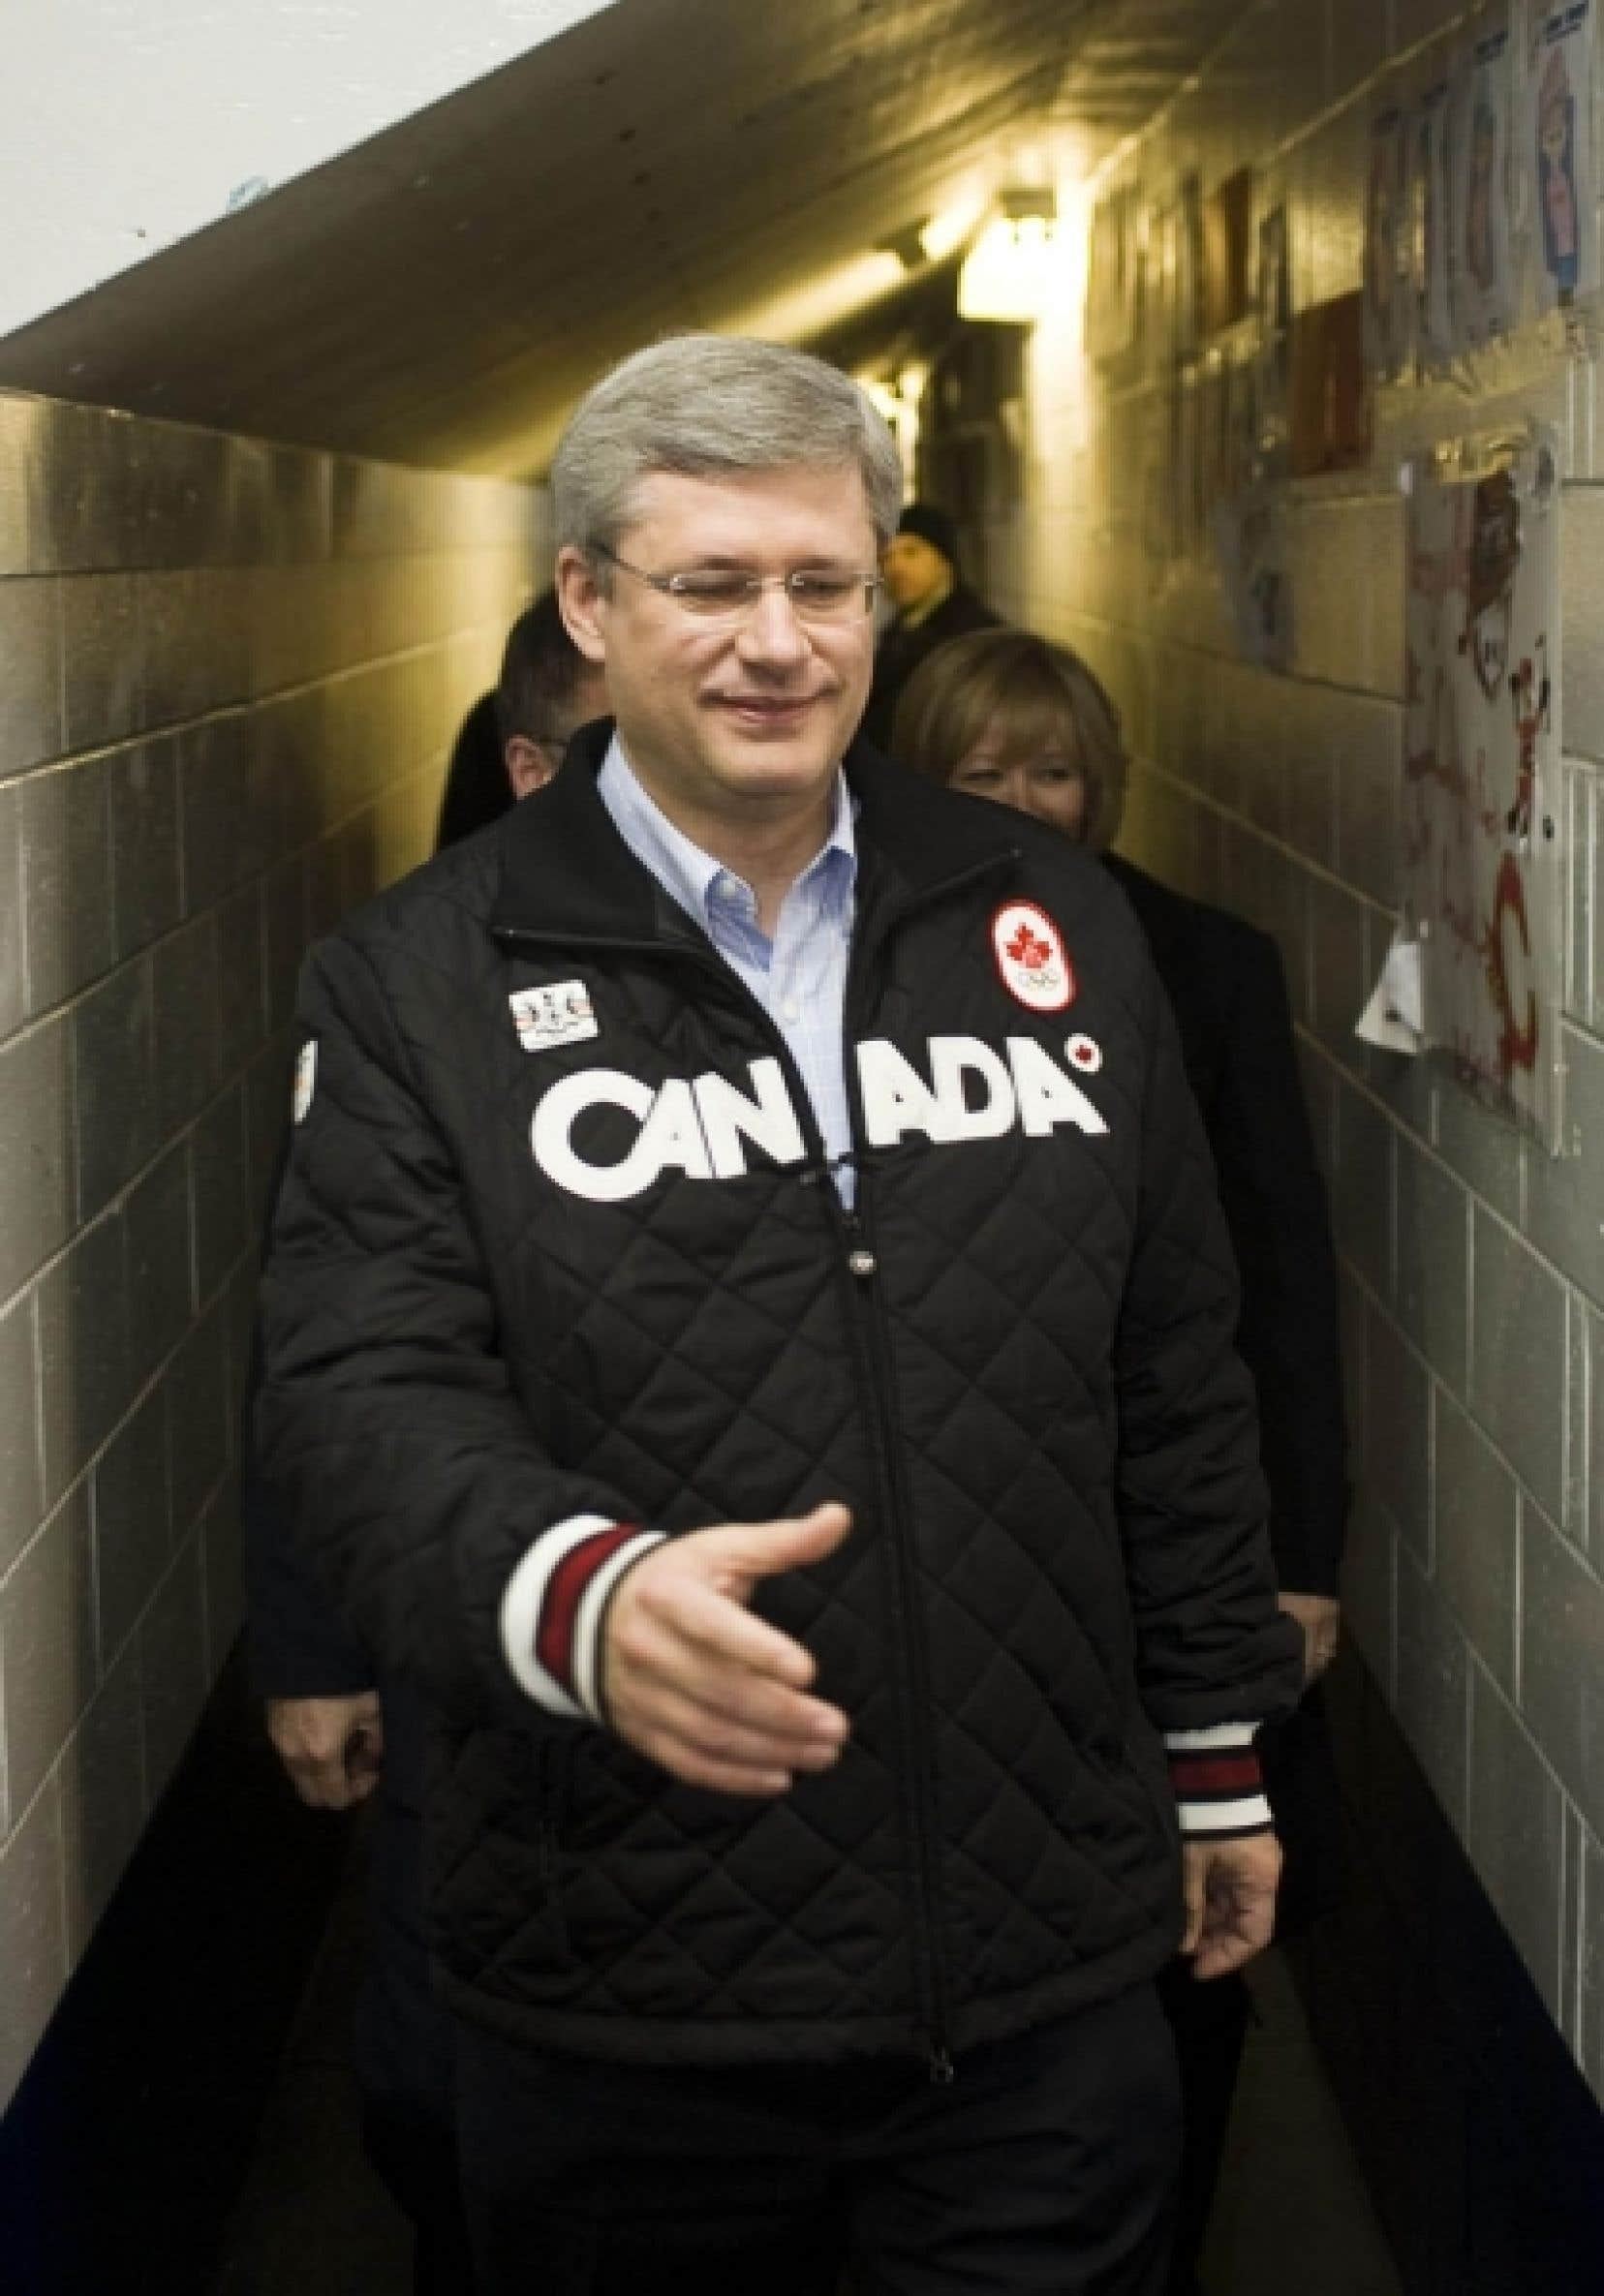 Stephen Harper était à Terre-Neuve hier, où il a notamment salué les amateurs de hockey à l'aréna de Conception Bay South.